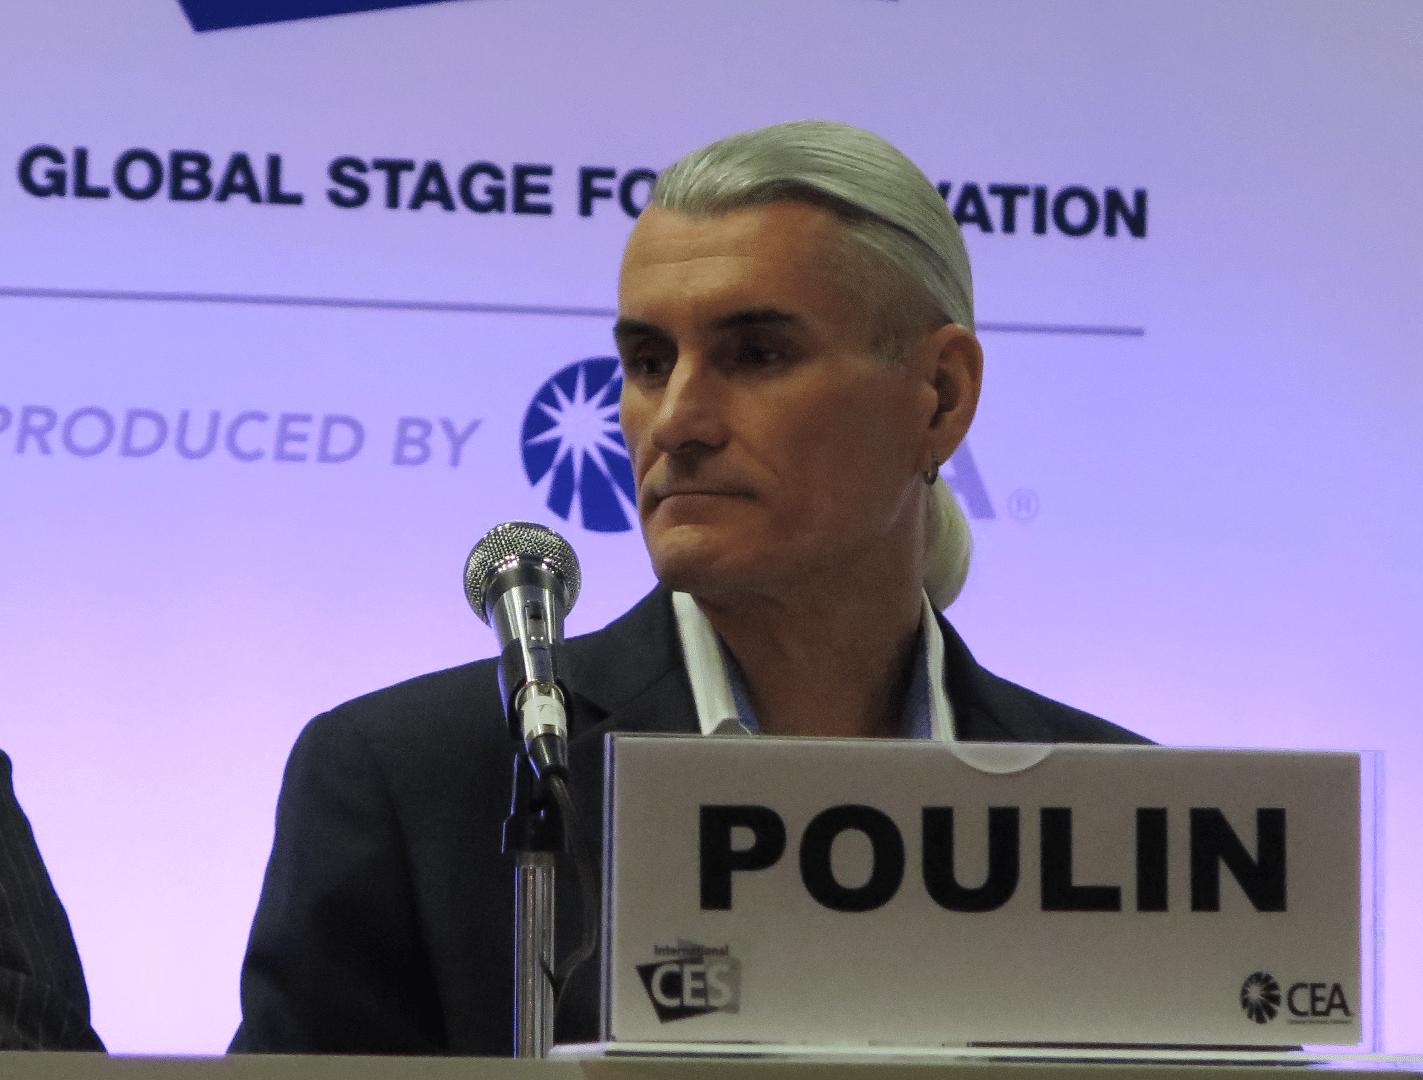 Chris Poulin